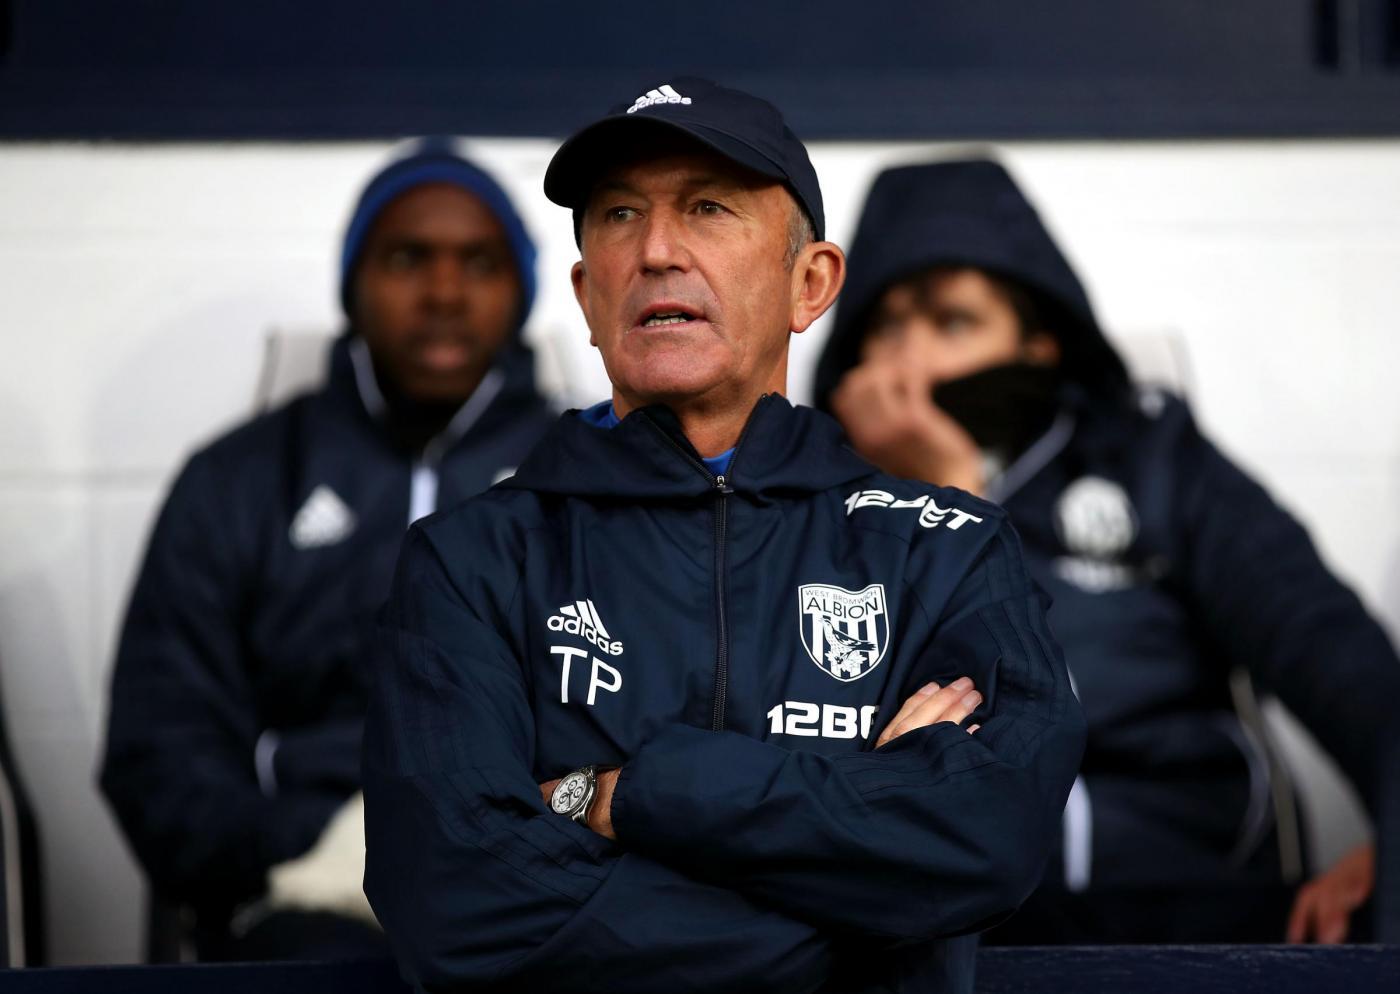 West Bromwich-Newcastle martedì 28 novembre, analisi e pronostico Premier League giornata 14